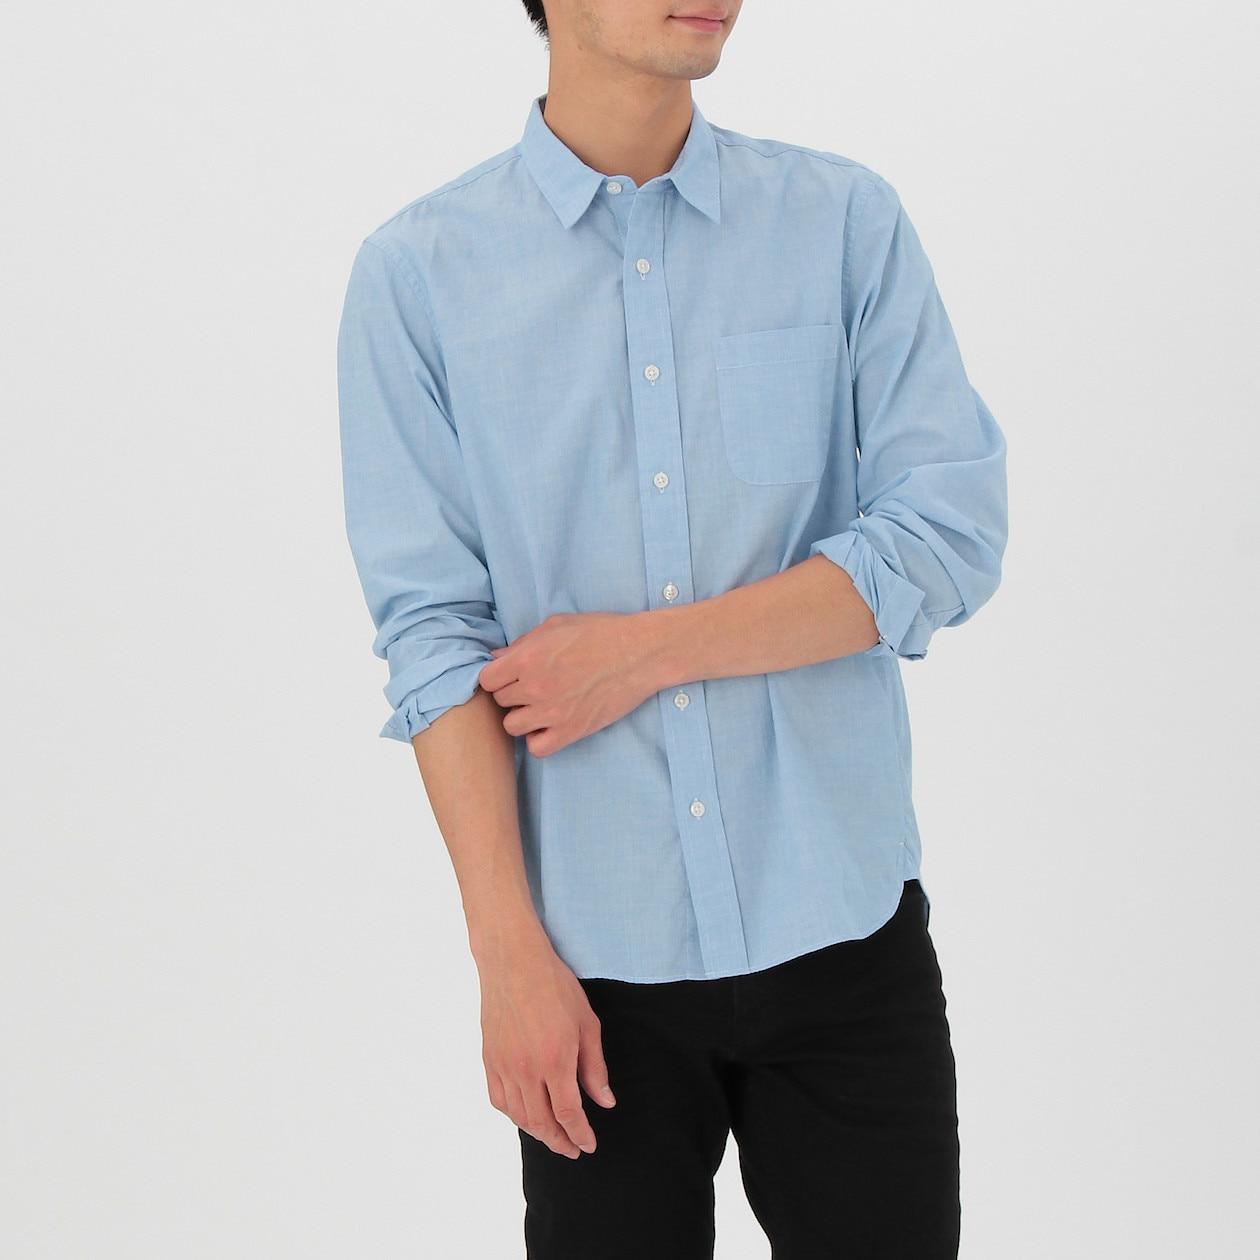 春夏用の白シャツにおすすめ! 無印良品「オーガニックコットン洗いざらしブロードシャツ」 - おしゃれなパパ と呼ばれたい  -30代以降のパパさんのためのファッション ...